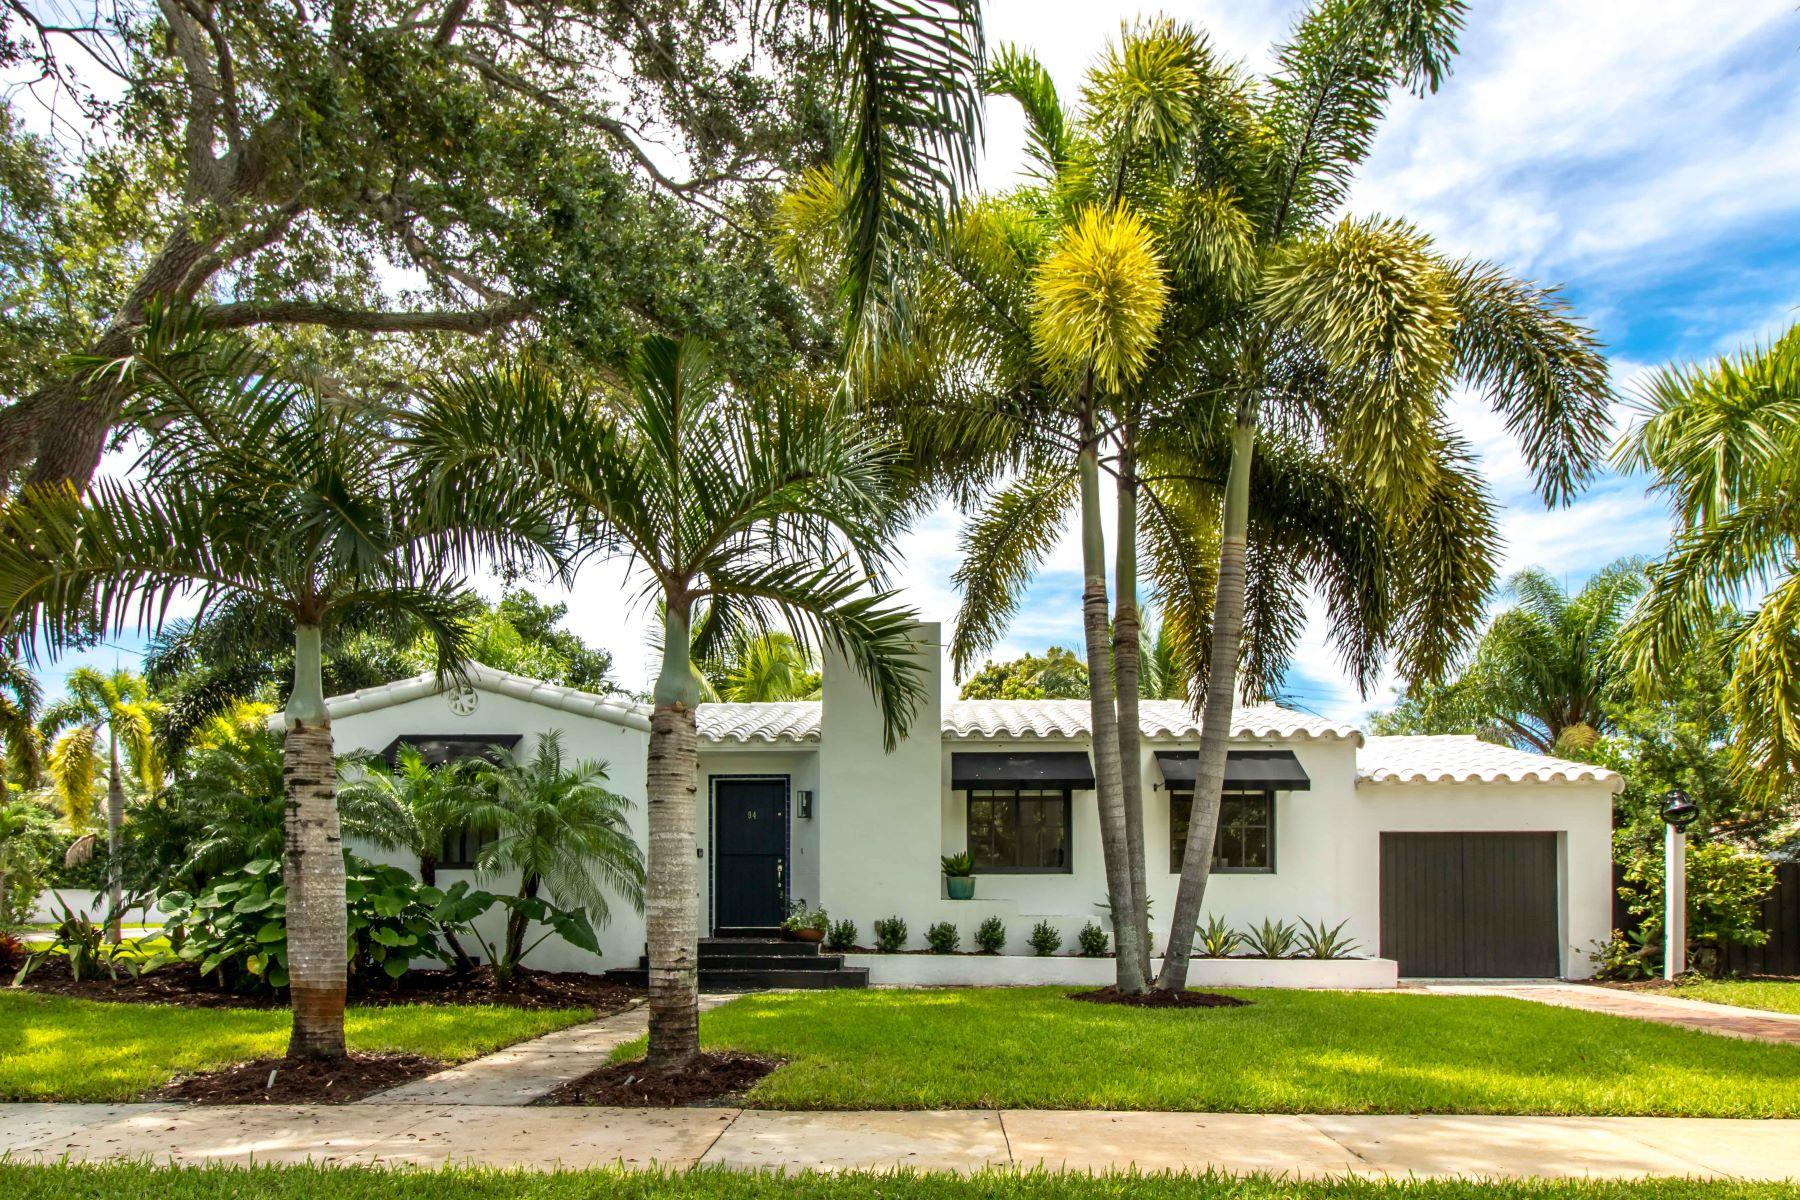 一戸建て のために 売買 アット 94 Ne 102nd St 94 Ne102nd St Miami Shores, フロリダ, 33138 アメリカ合衆国